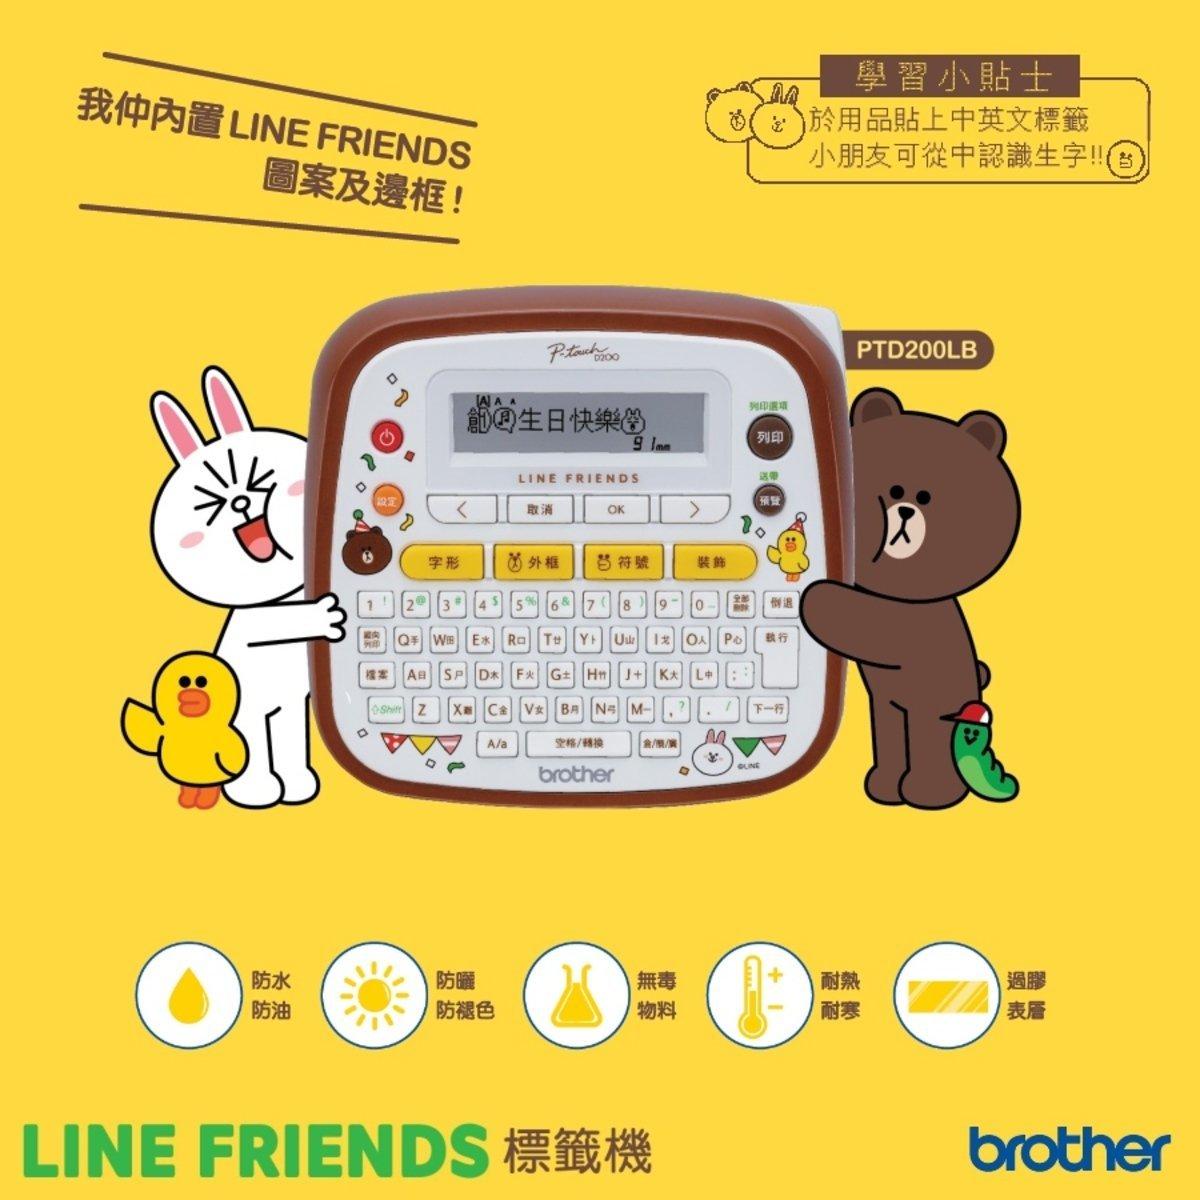 PT-D200LB LINE FRIENDS labeller